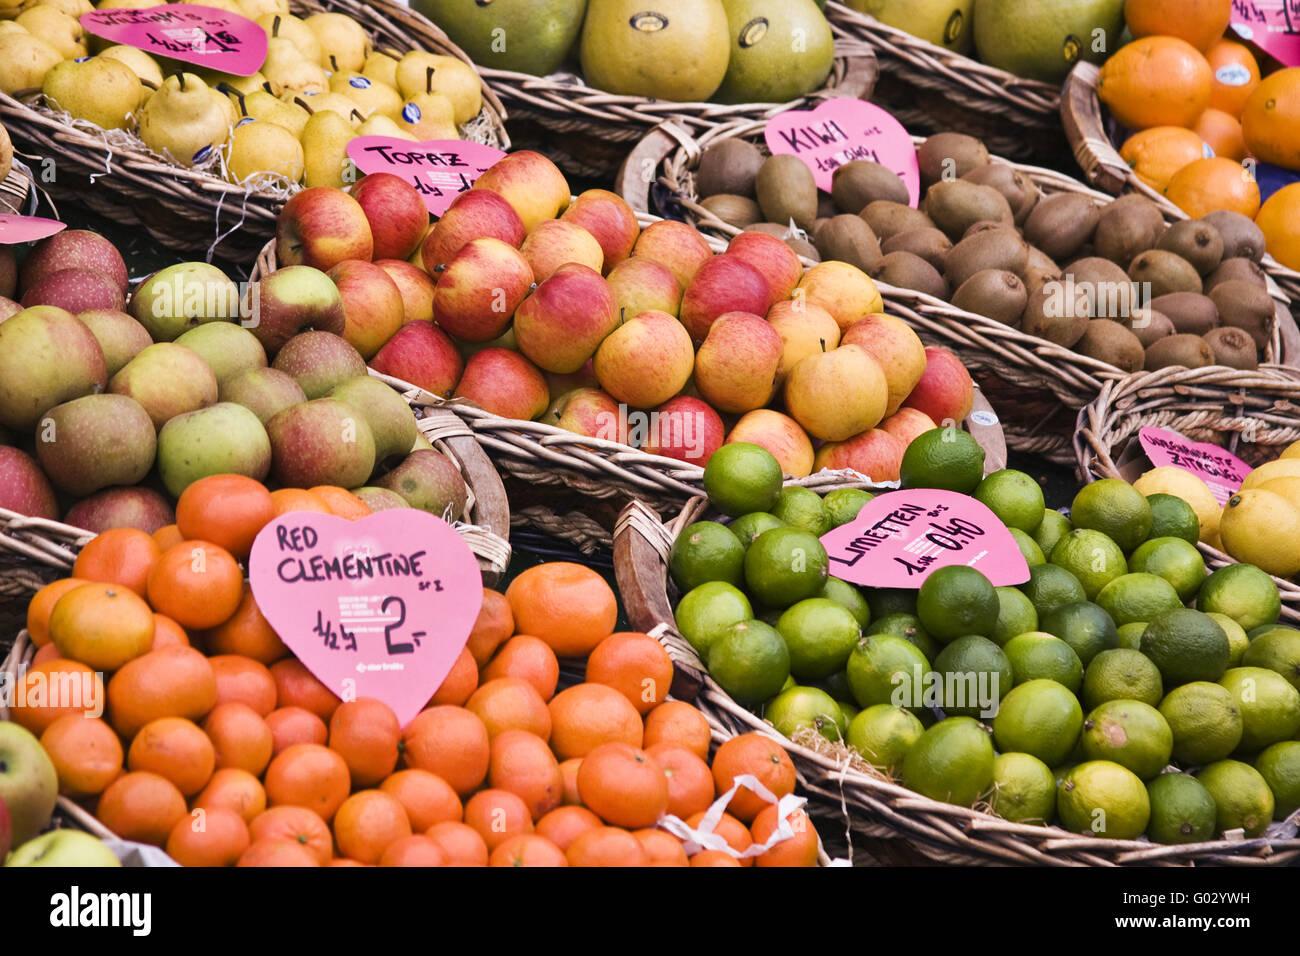 Obst Stockbild